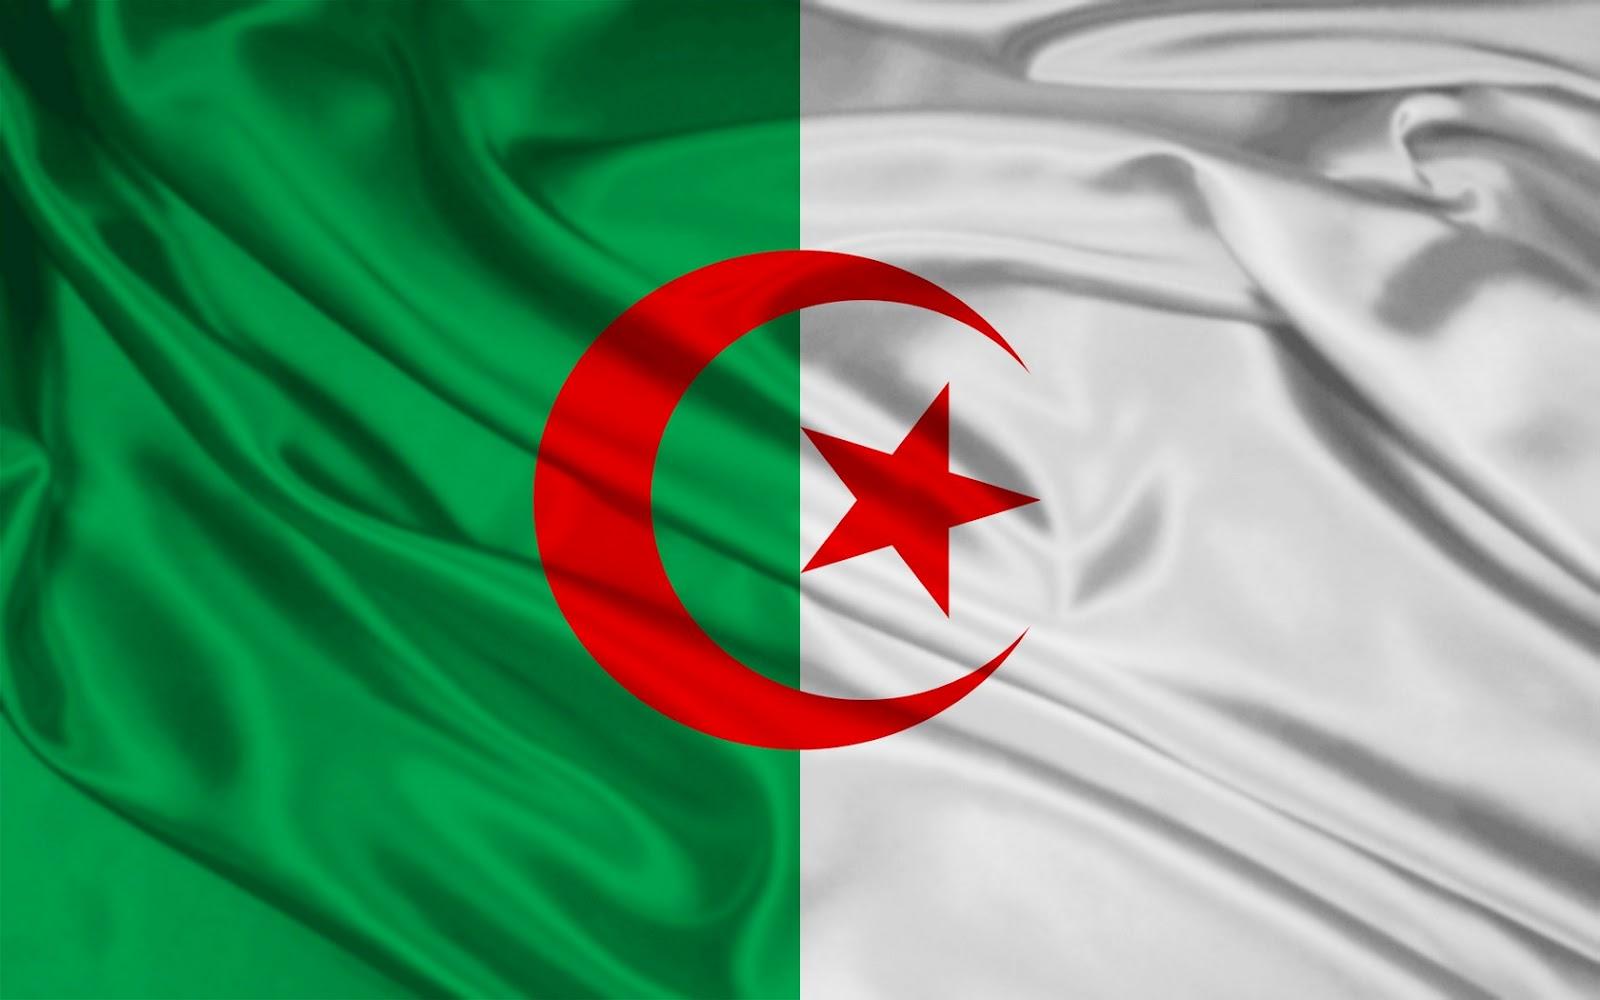 بالصور عيادات التلقيح الاصطناعي في الجزائر 35c821805a68614c05328b08faa300e9